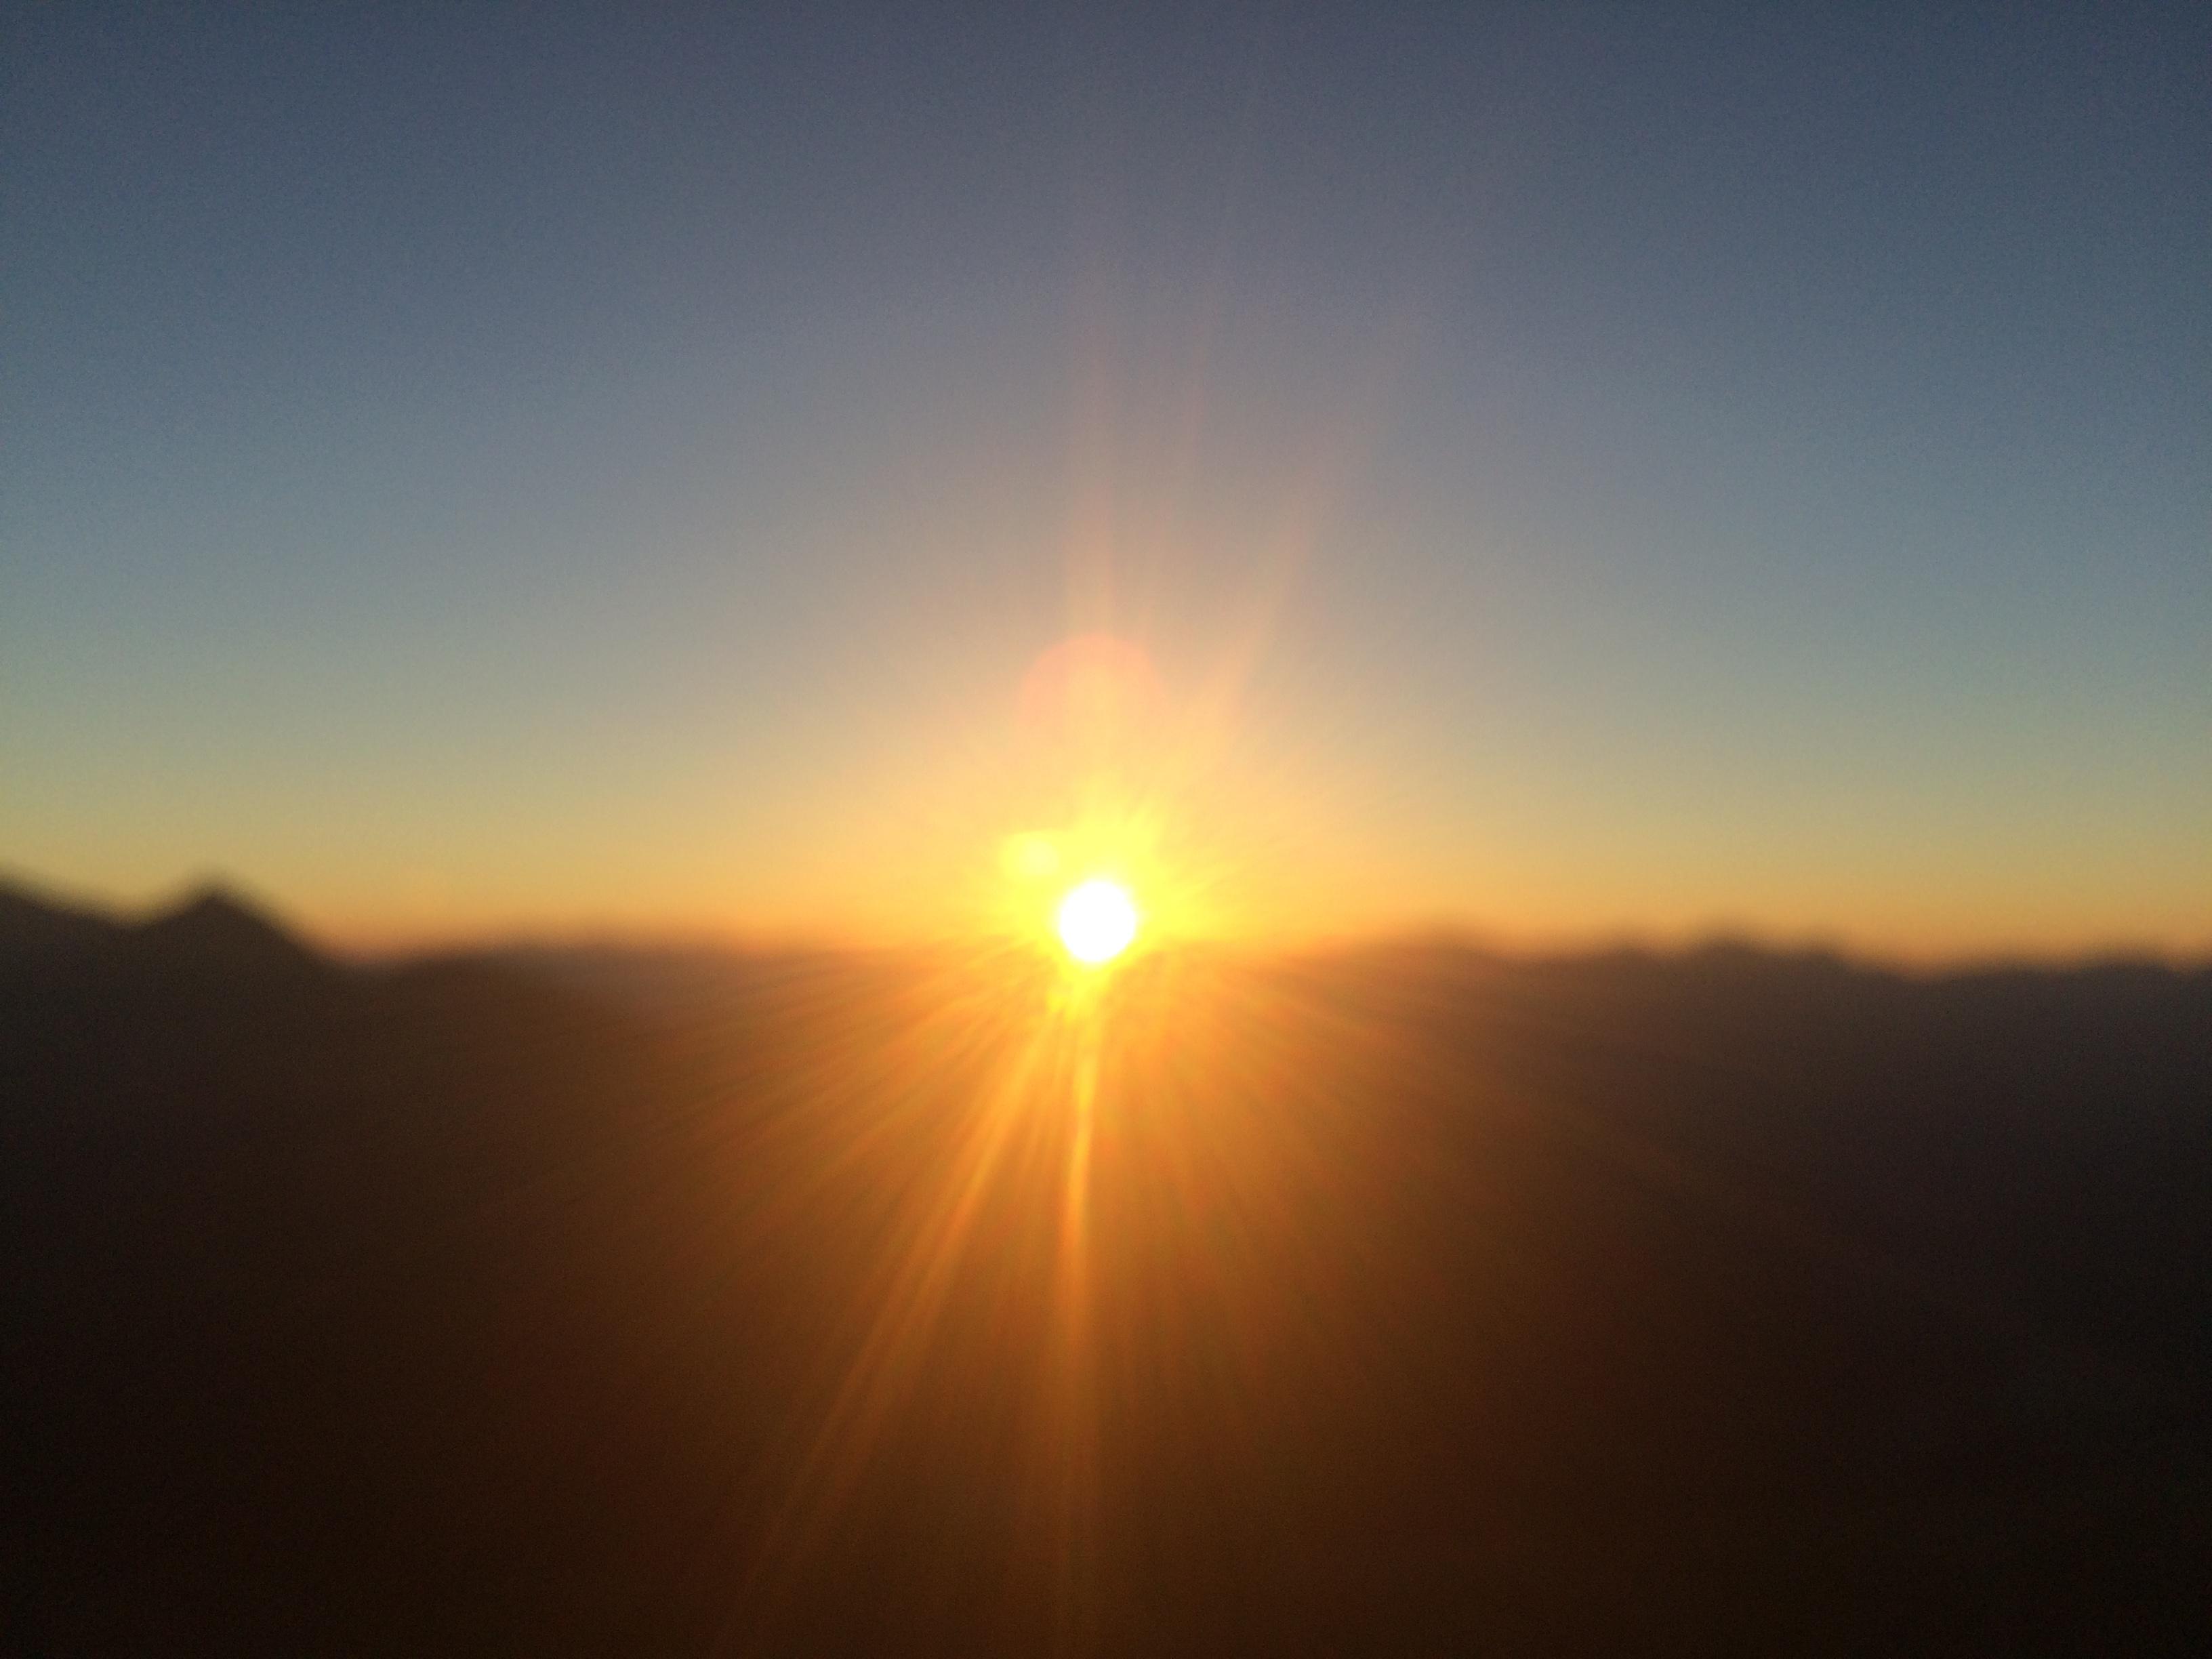 Coucher de soleil depuis Pic Blanc  - Eric Pares (france)